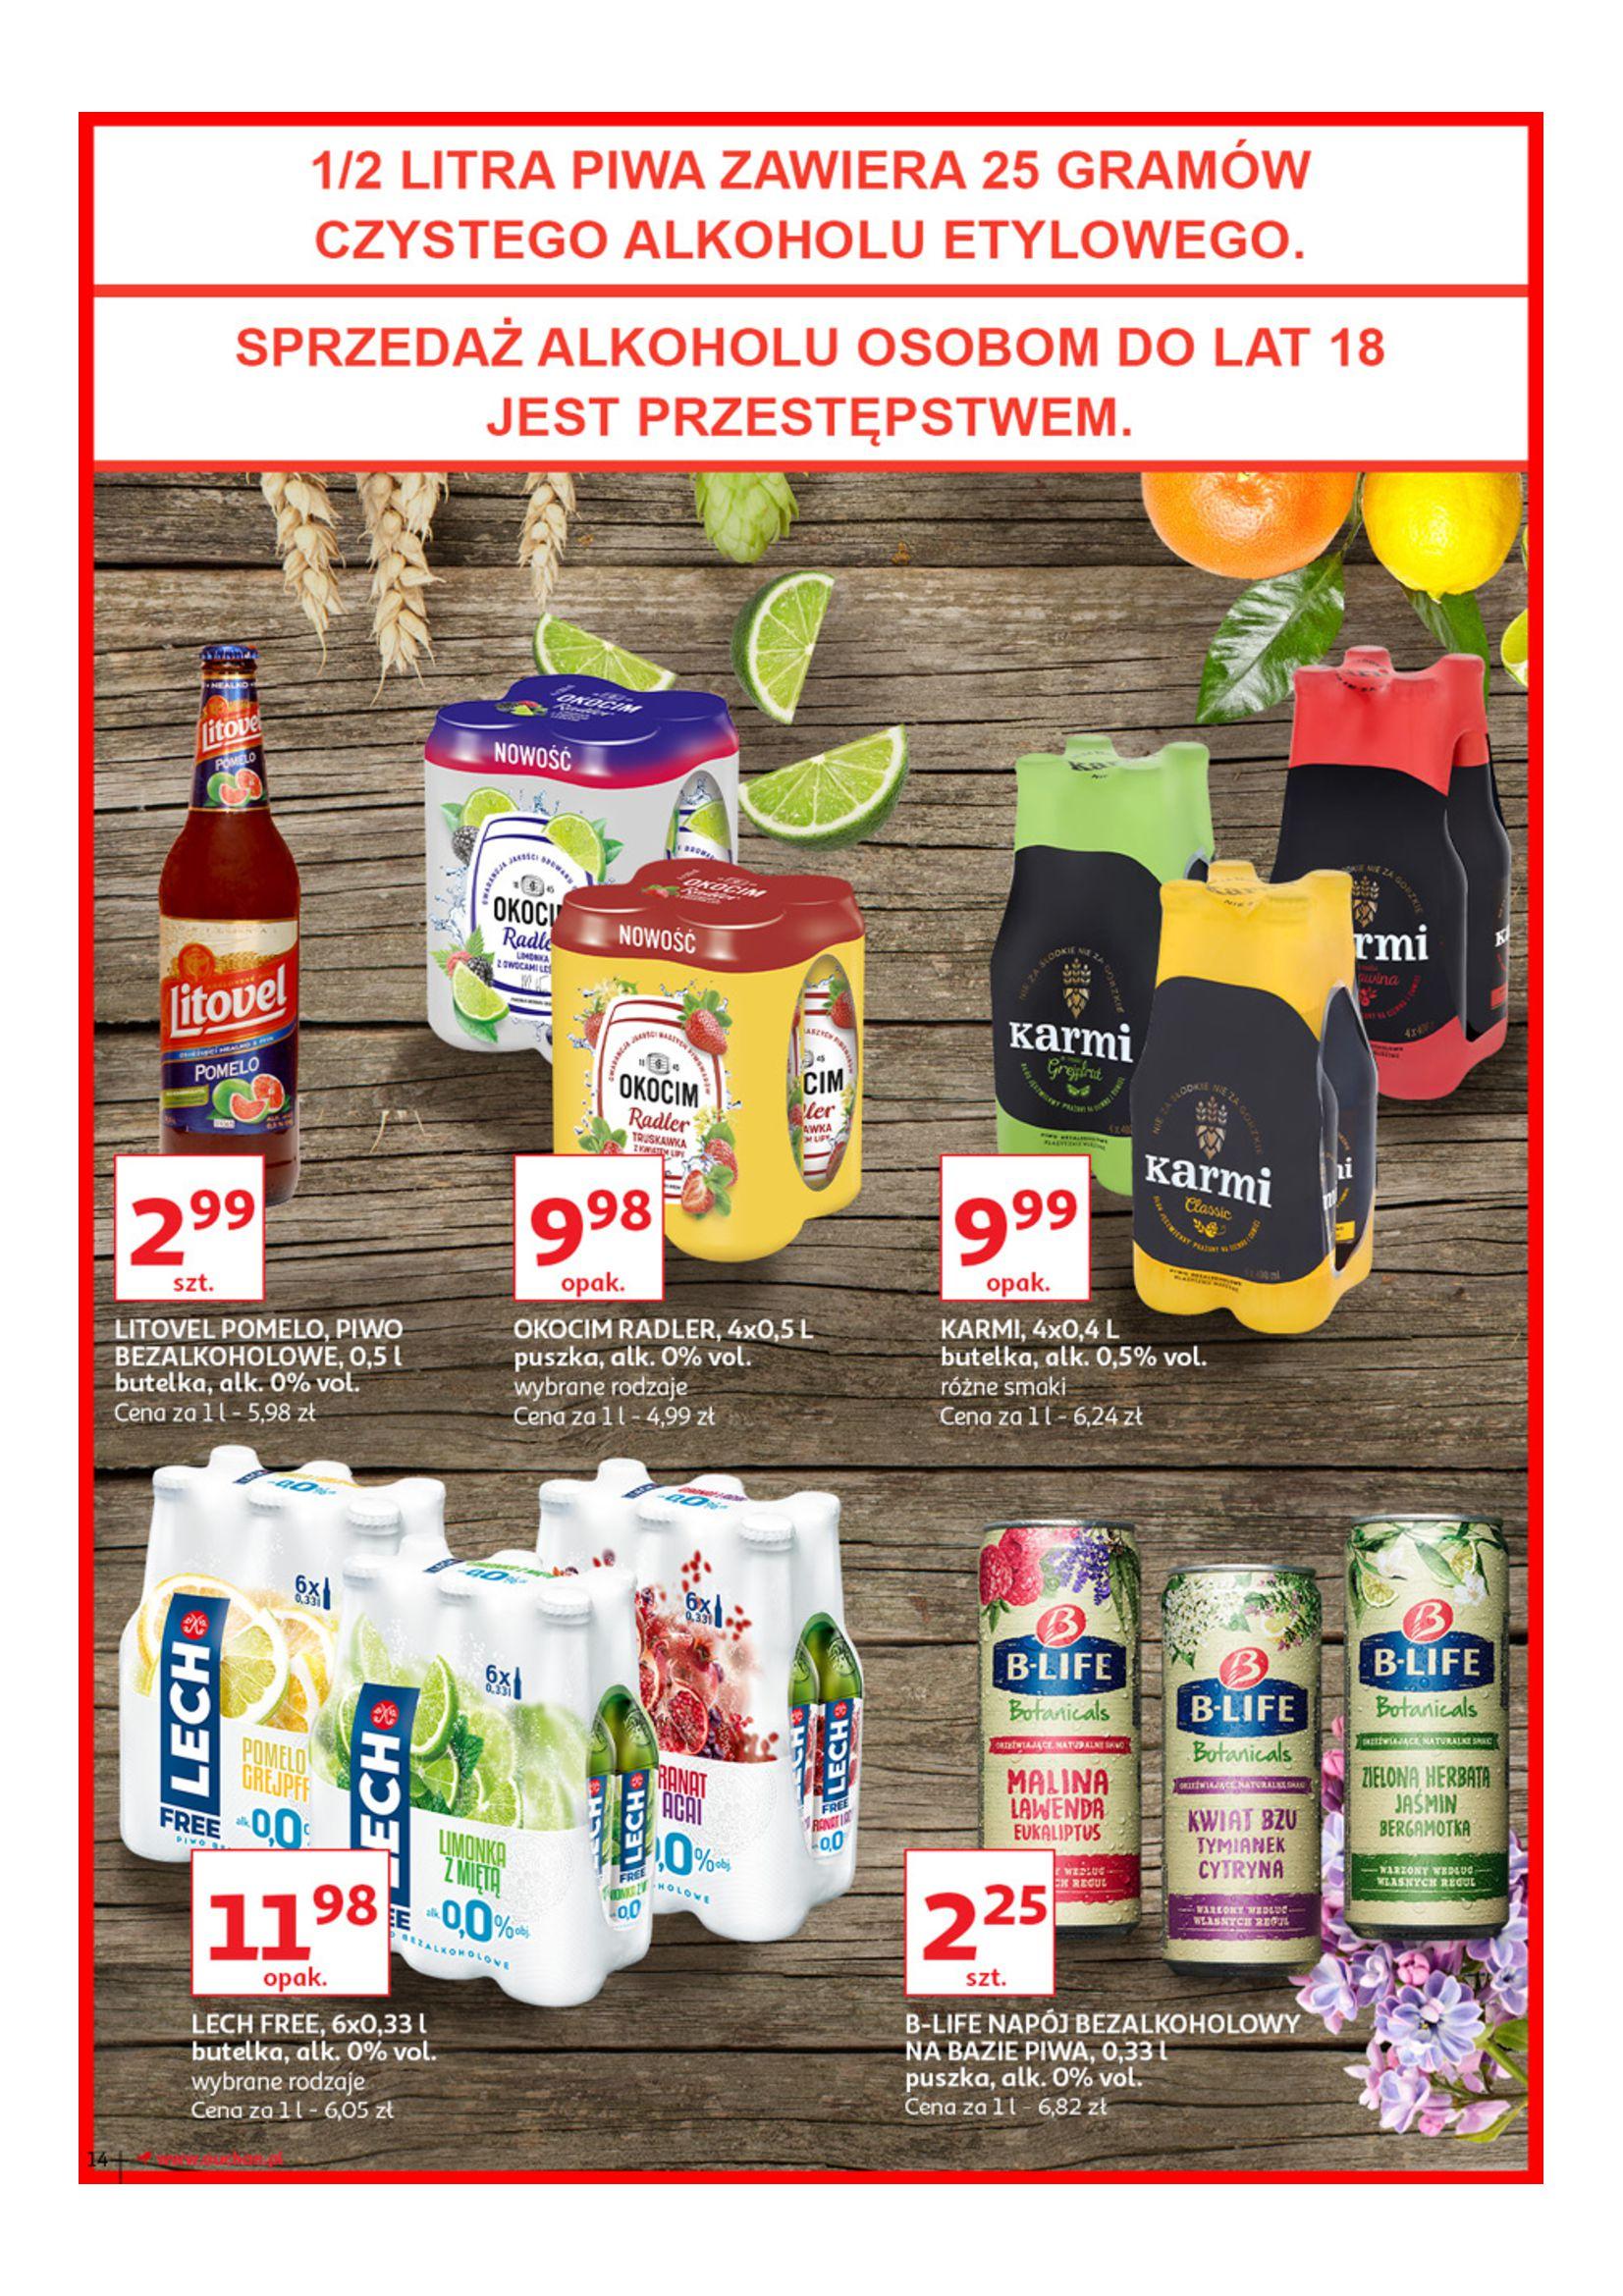 Gazetka Auchan - Poznaj naszą ofertę piw Hipermarkety-12.06.2019-23.06.2019-page-14